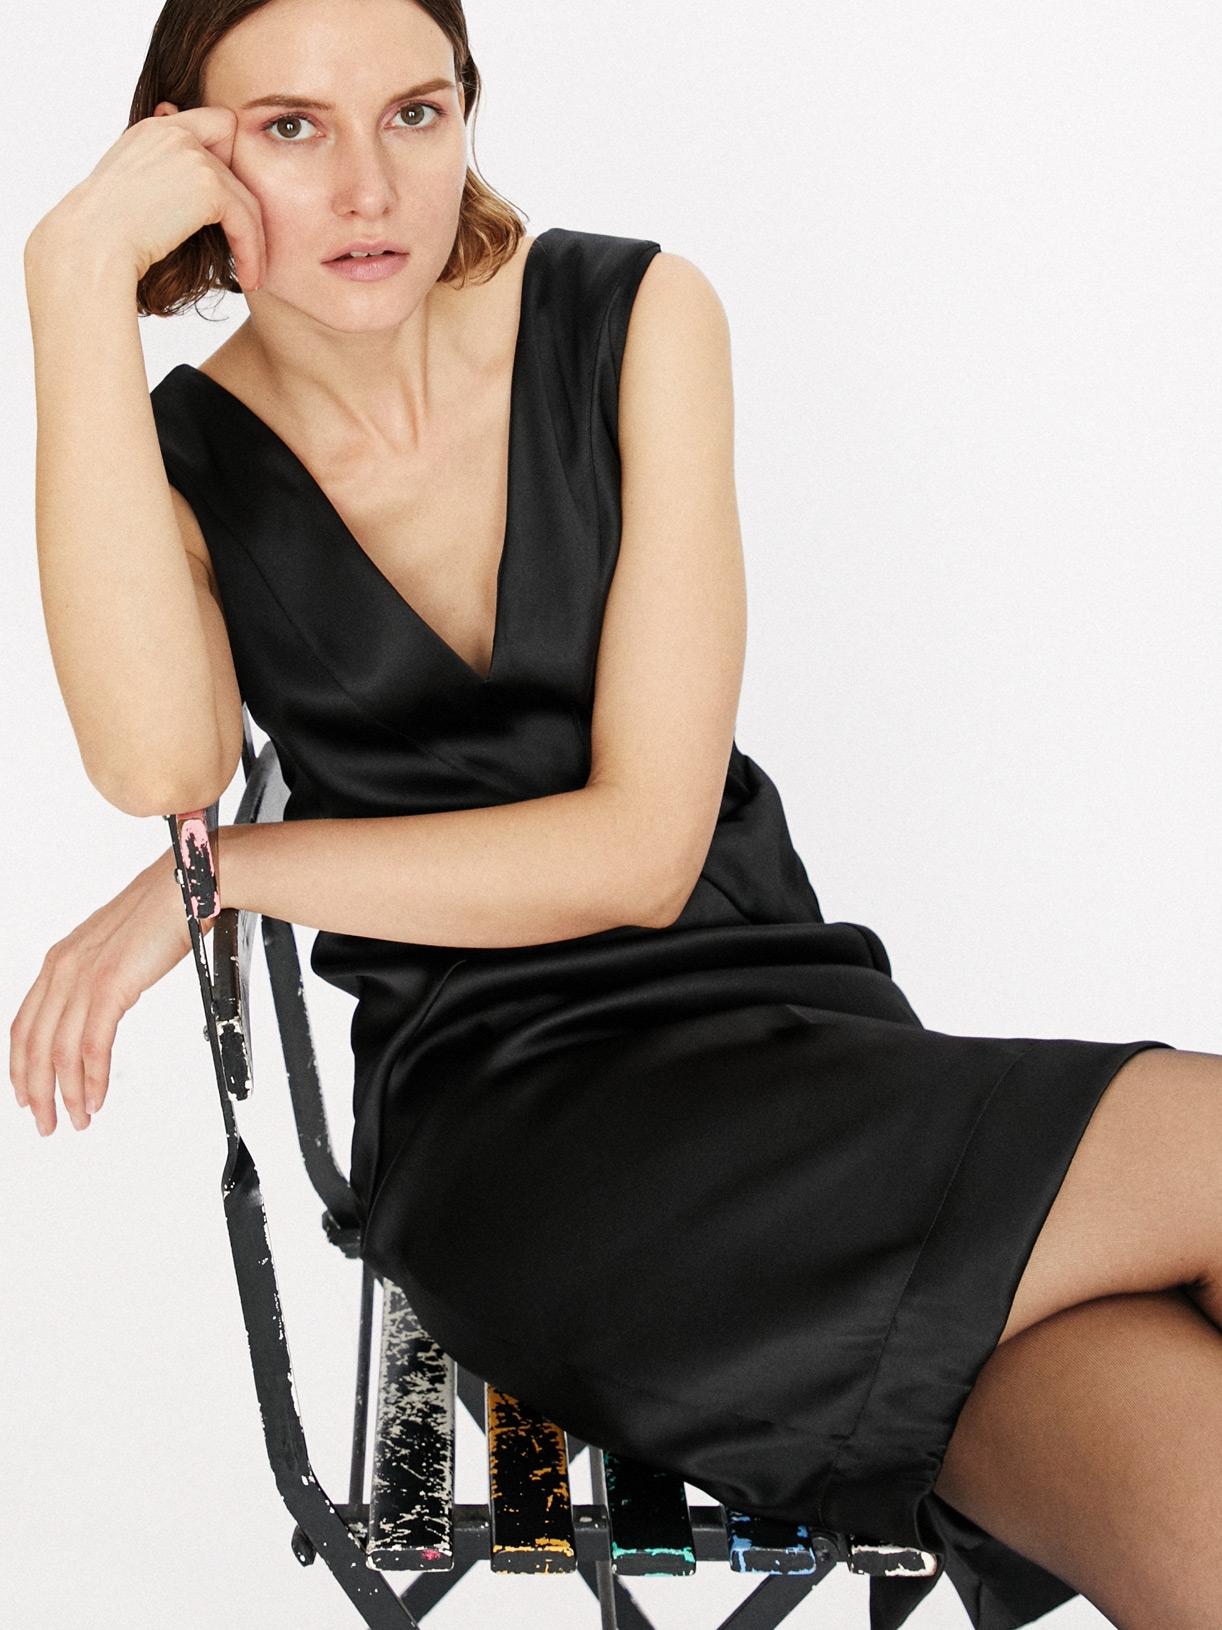 Robe de soirée fourreau noire écoresponsable - Creatrice de mode éthique et bio a Paris - Myphilosophy